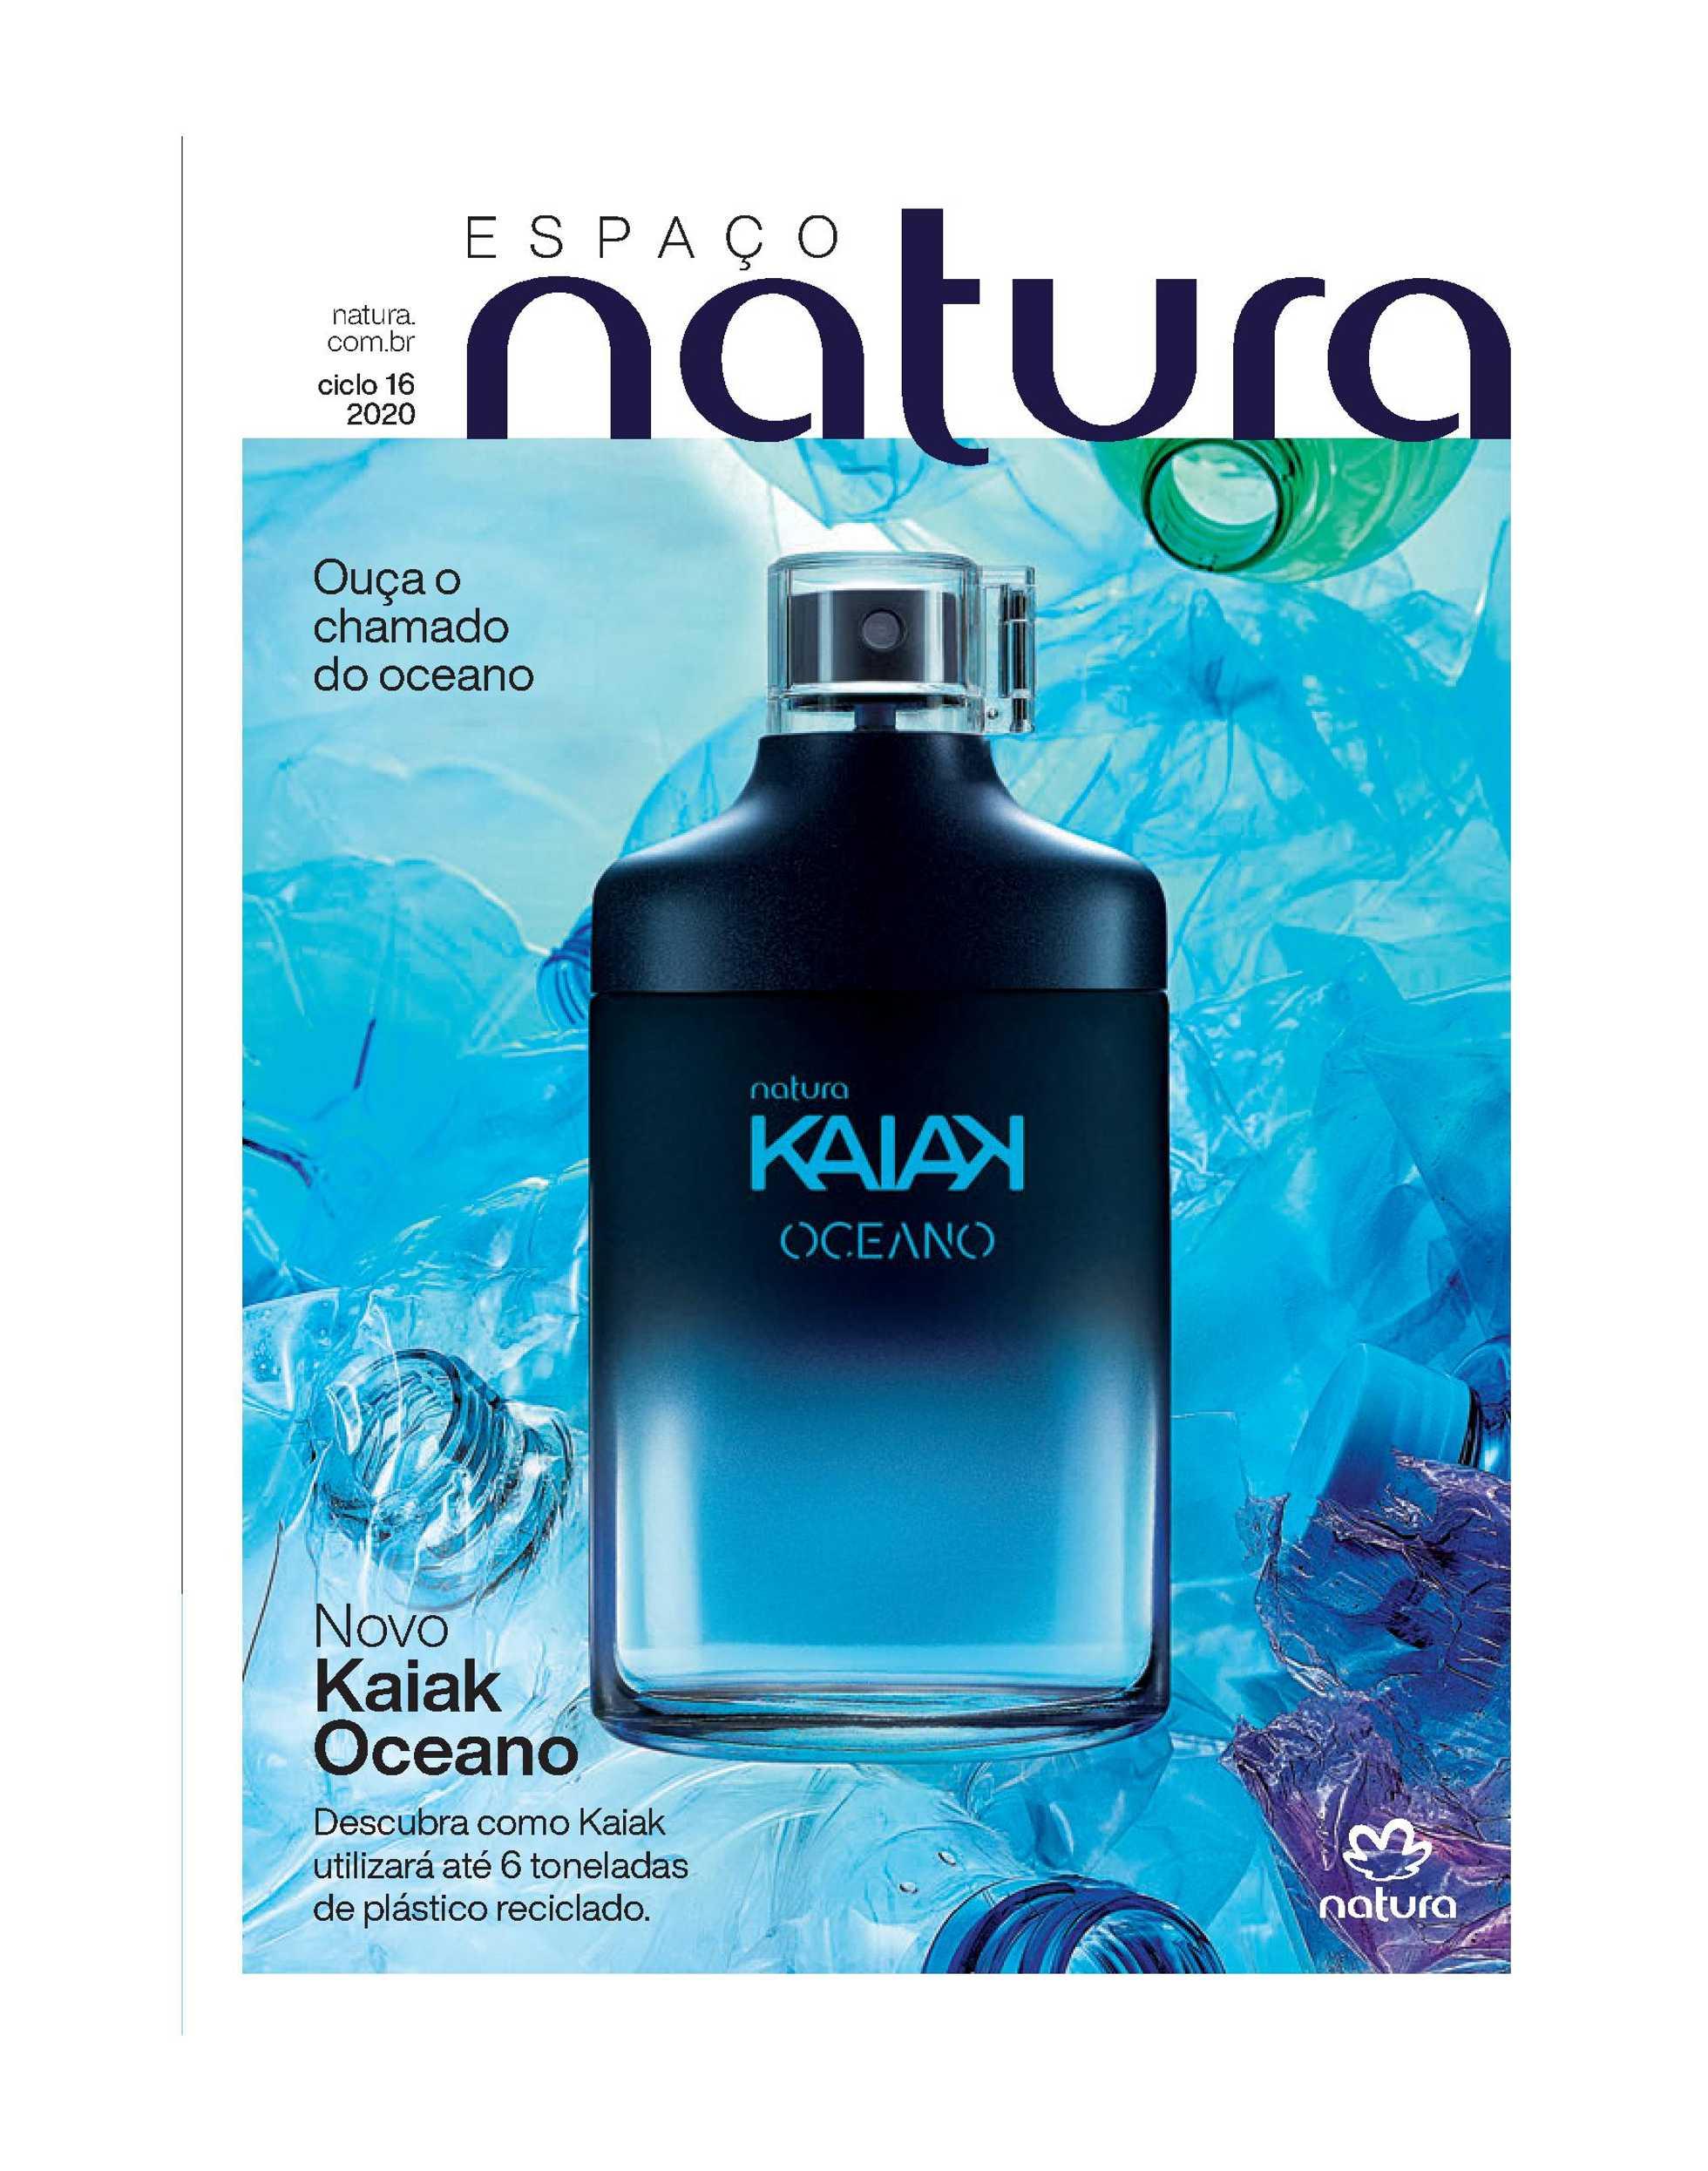 Natura - encarte válido de 10.09.2020 até 07.10.2020 - página 1.